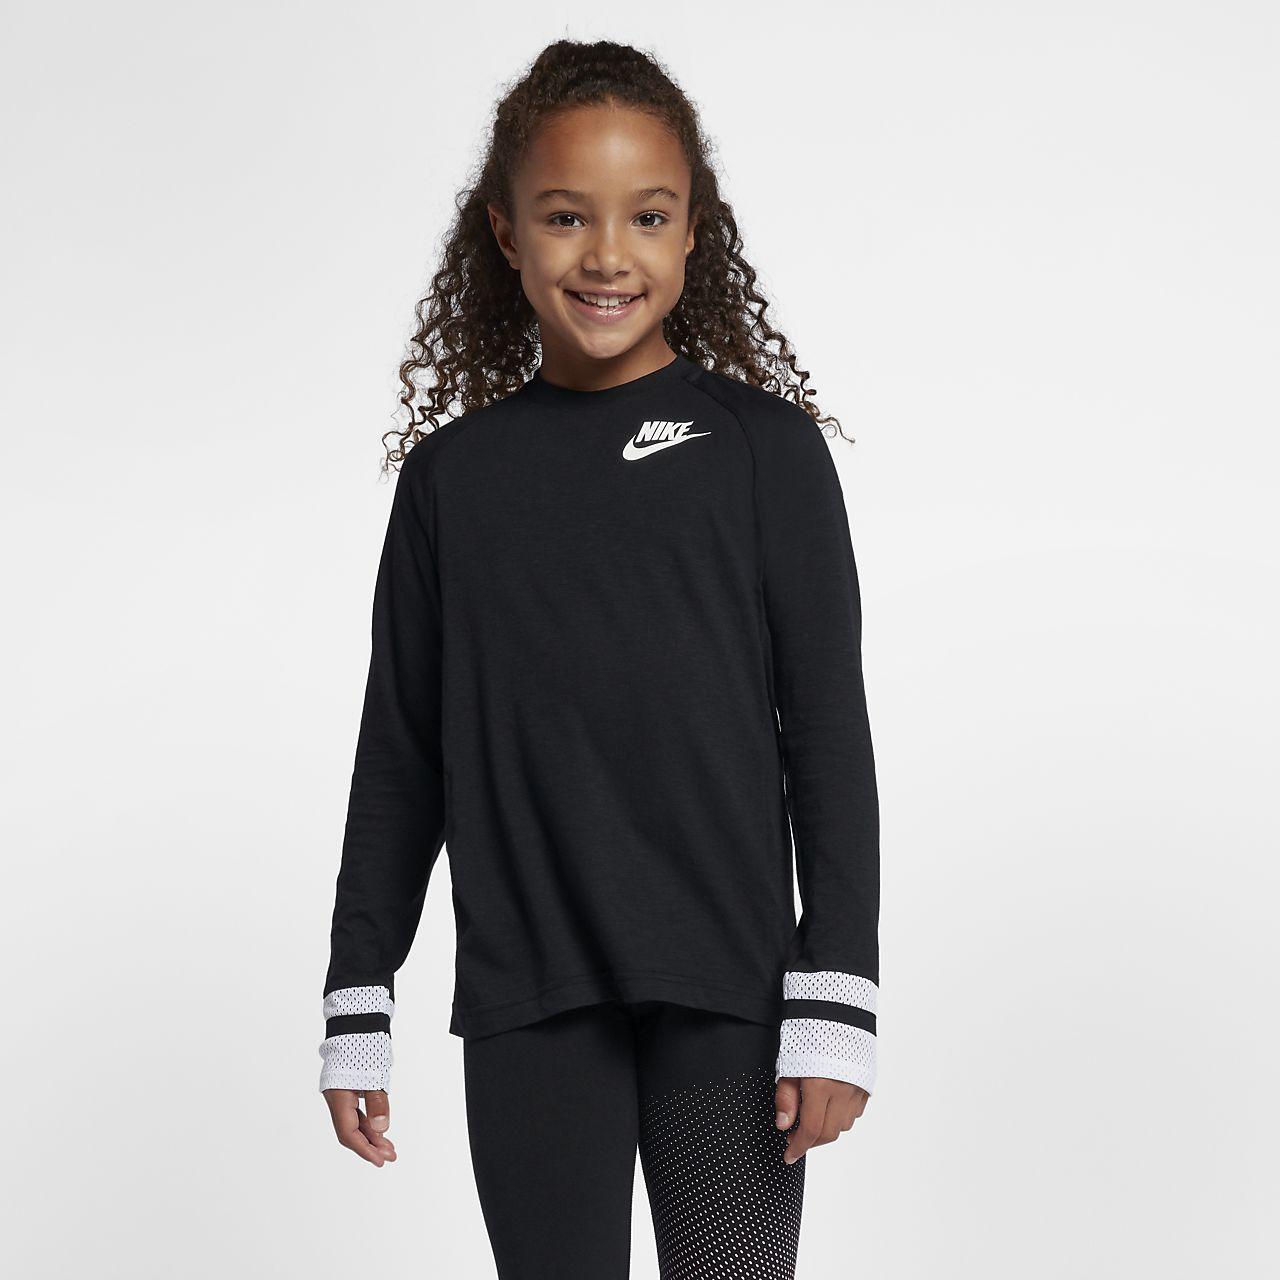 Nike Sportswear Older Kids' (Girls') Long-Sleeve Top